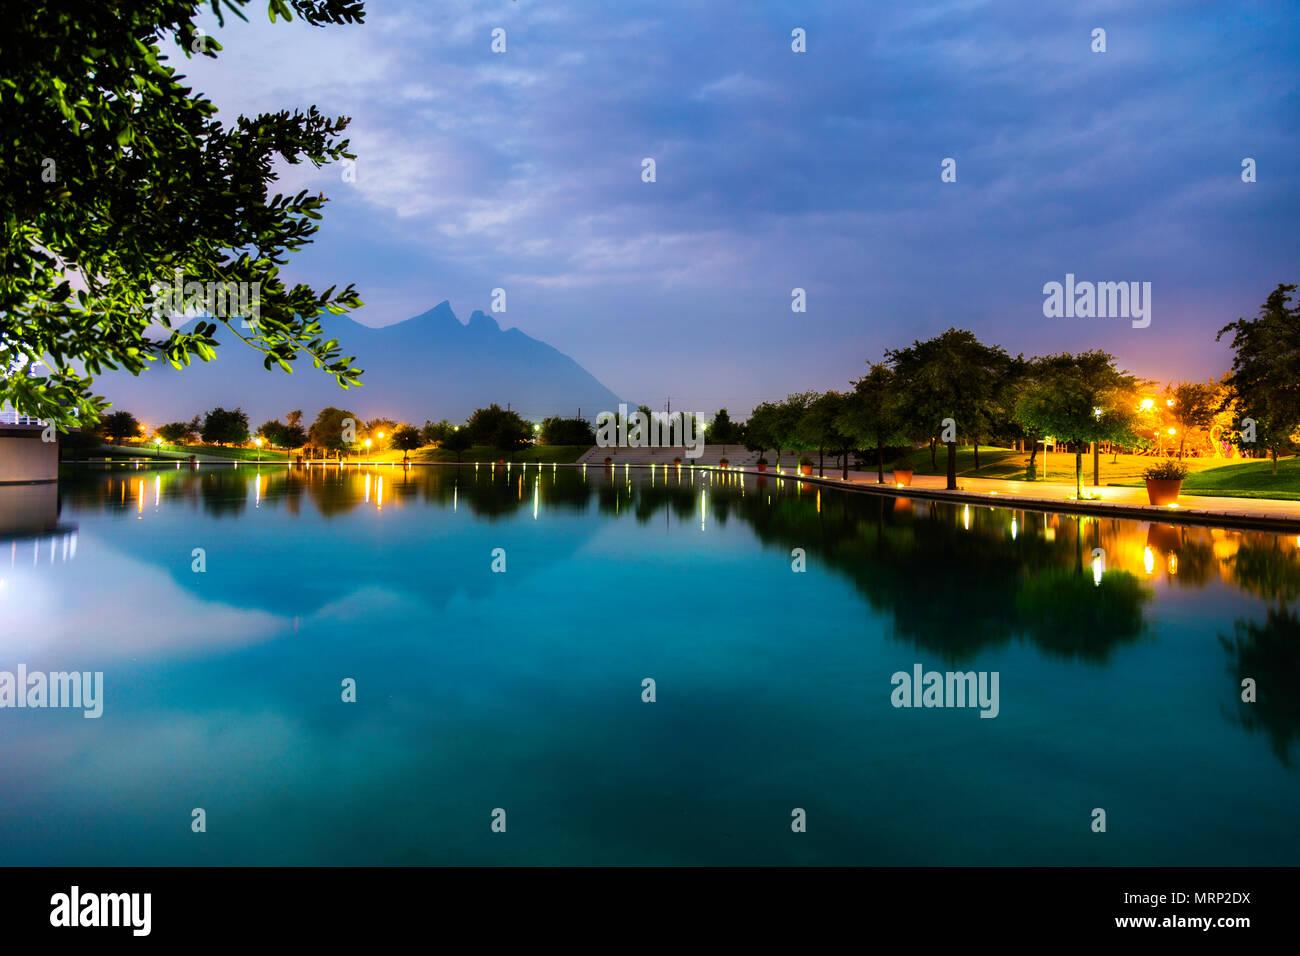 Paseo Santa Lucía, Parque Fundidora, Cerro de la Silla, Atardecer, Monterrey, Nuevo Leon, Mexico Stock Photo